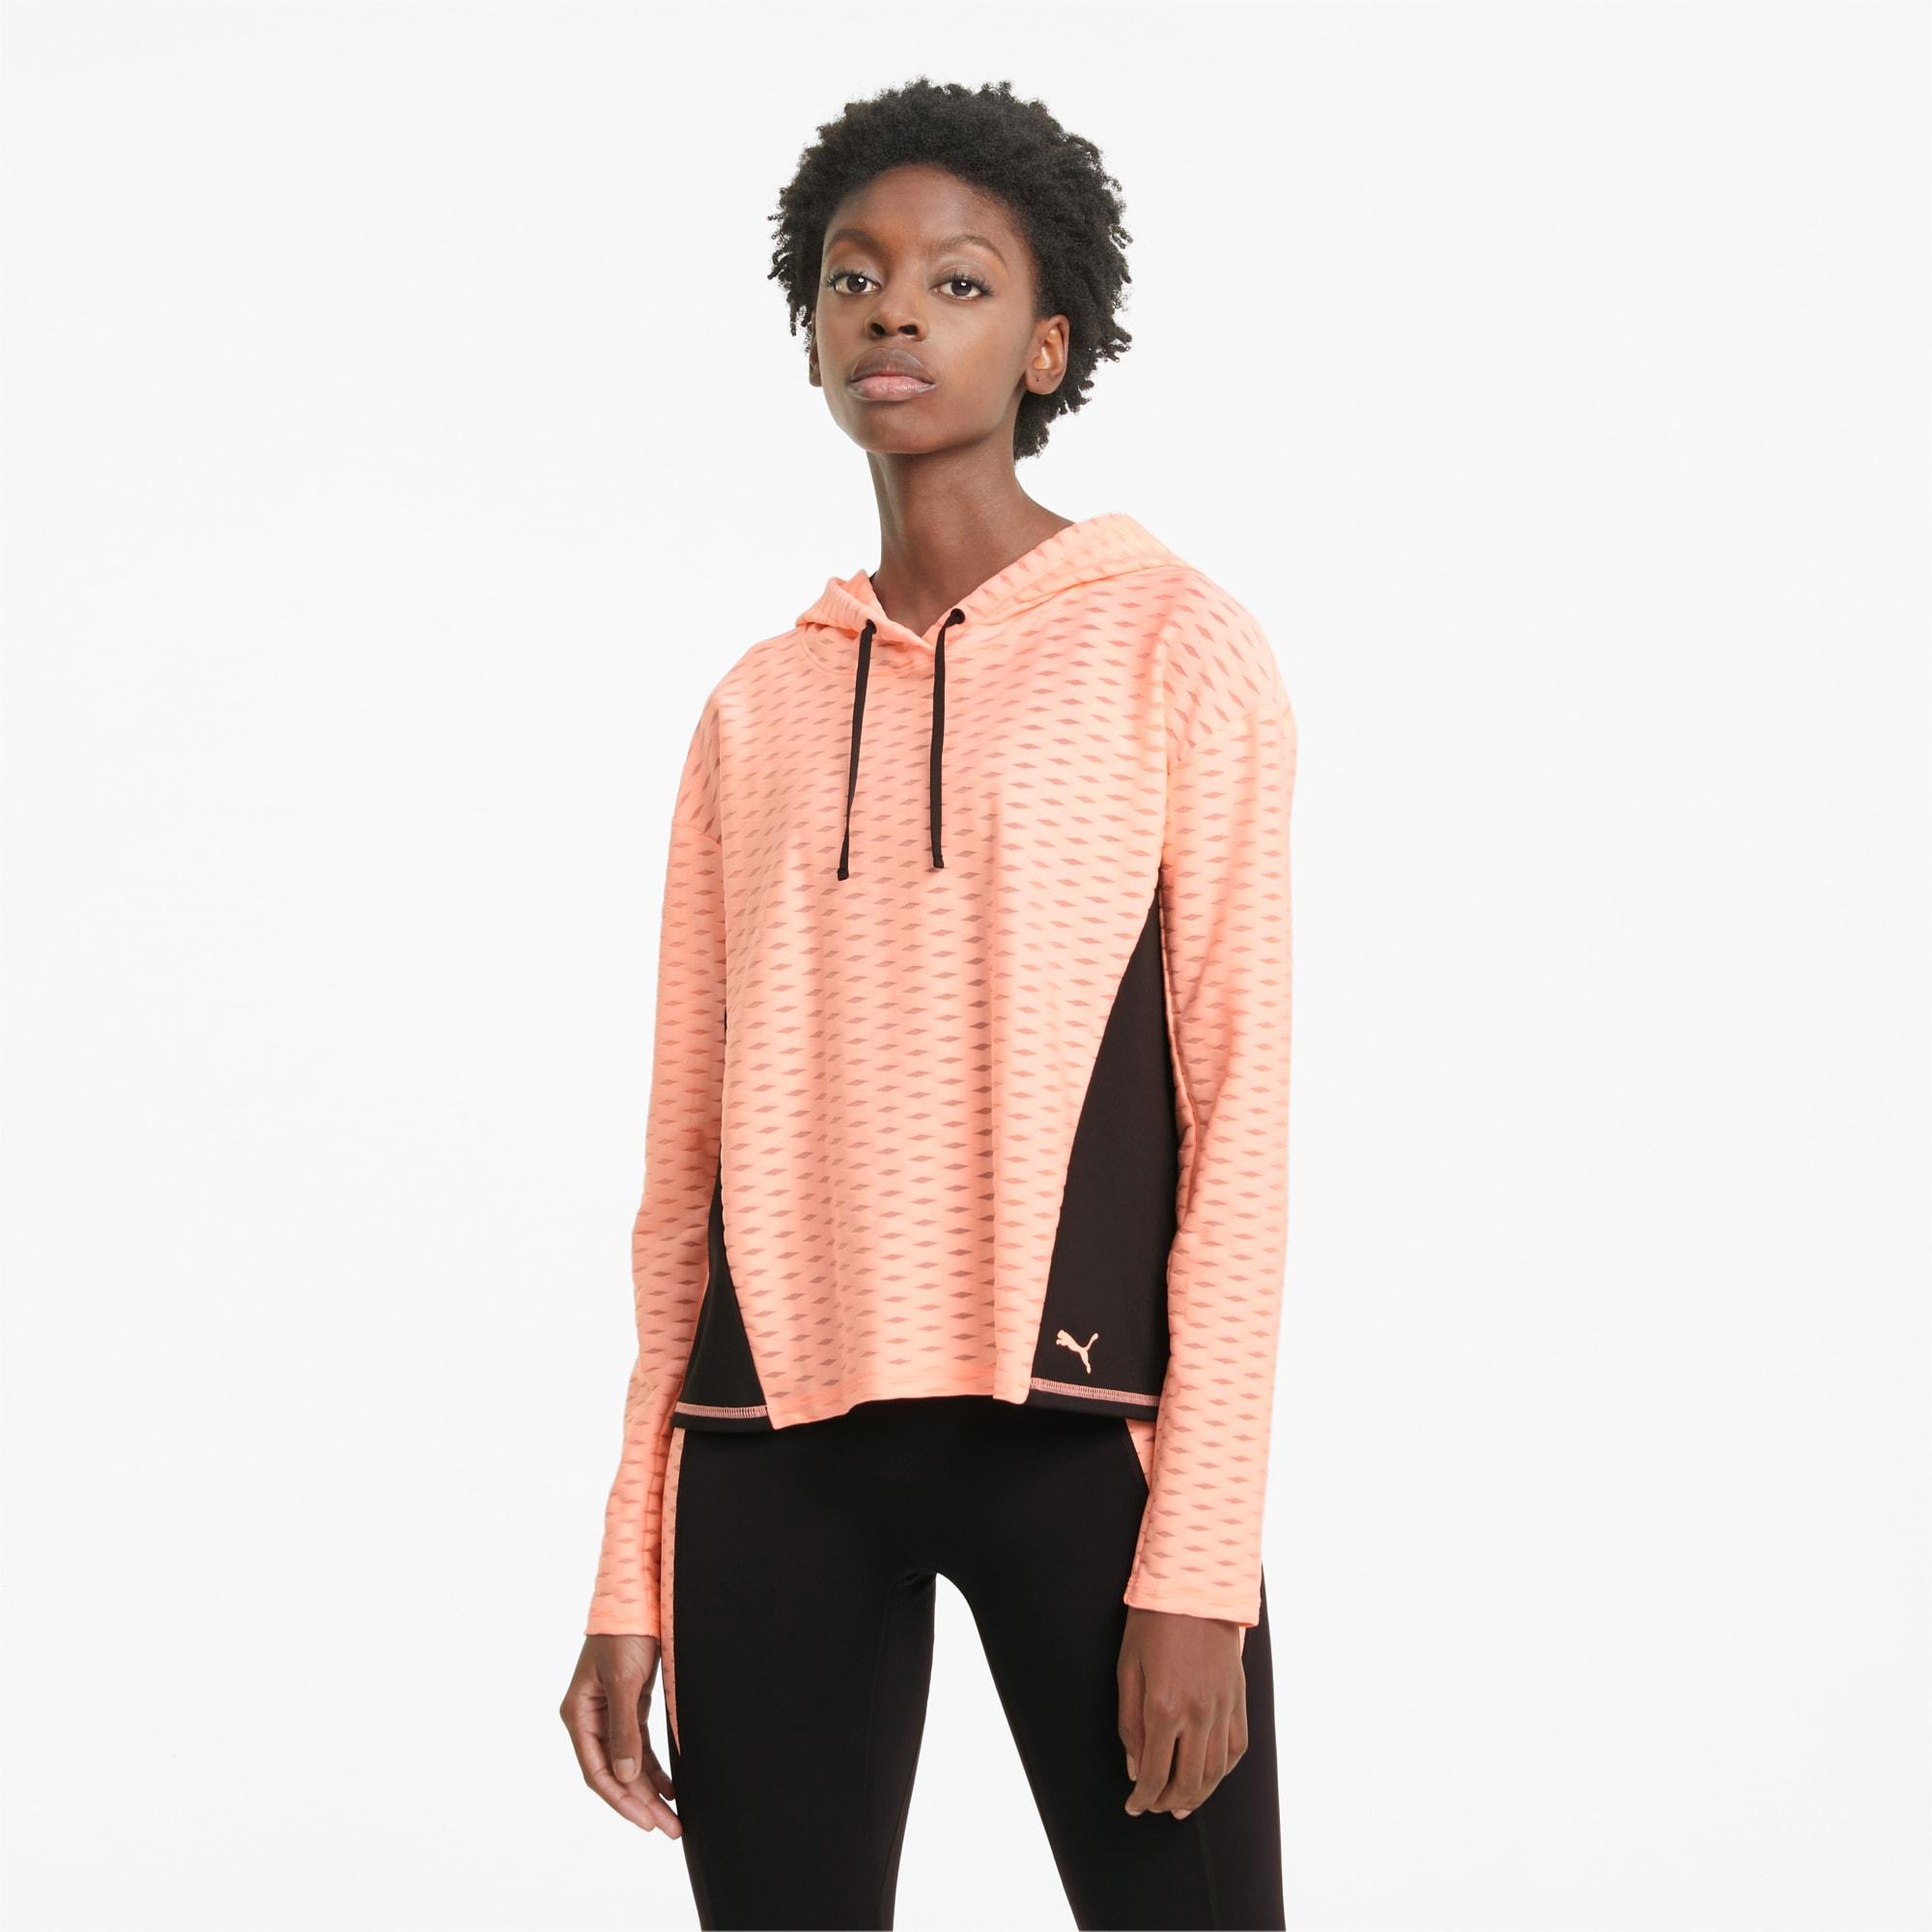 PUMA Damska Wkładana Przez Głowę Bluza Treningowa Z Kapturem Flawless, Brzoskwiniowy, rozmiar XS, Odzież